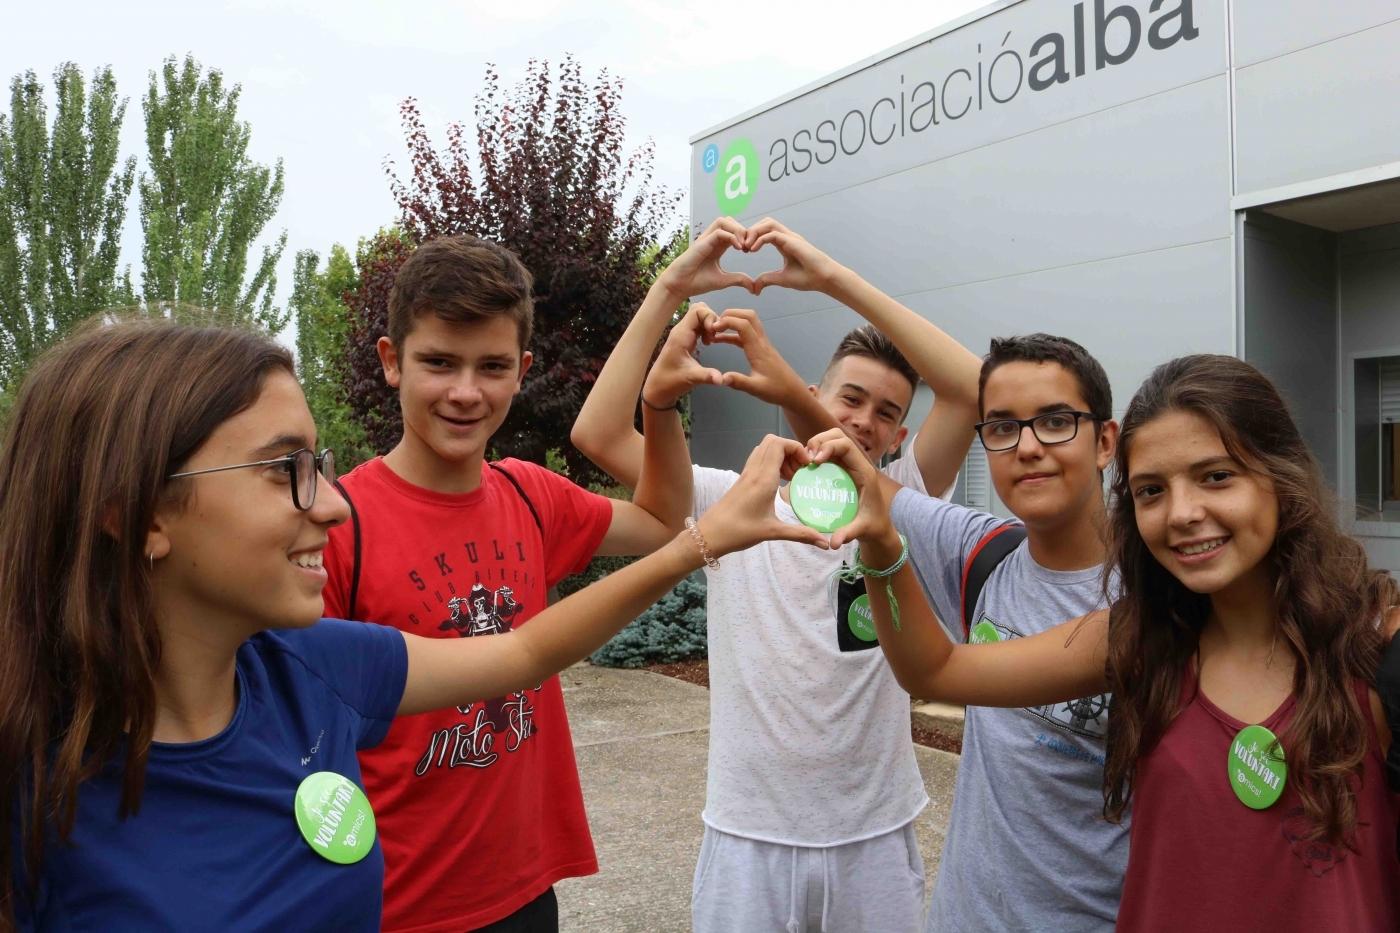 Èxit del Programa de Voluntariat amb més de 30 joves inscrits.